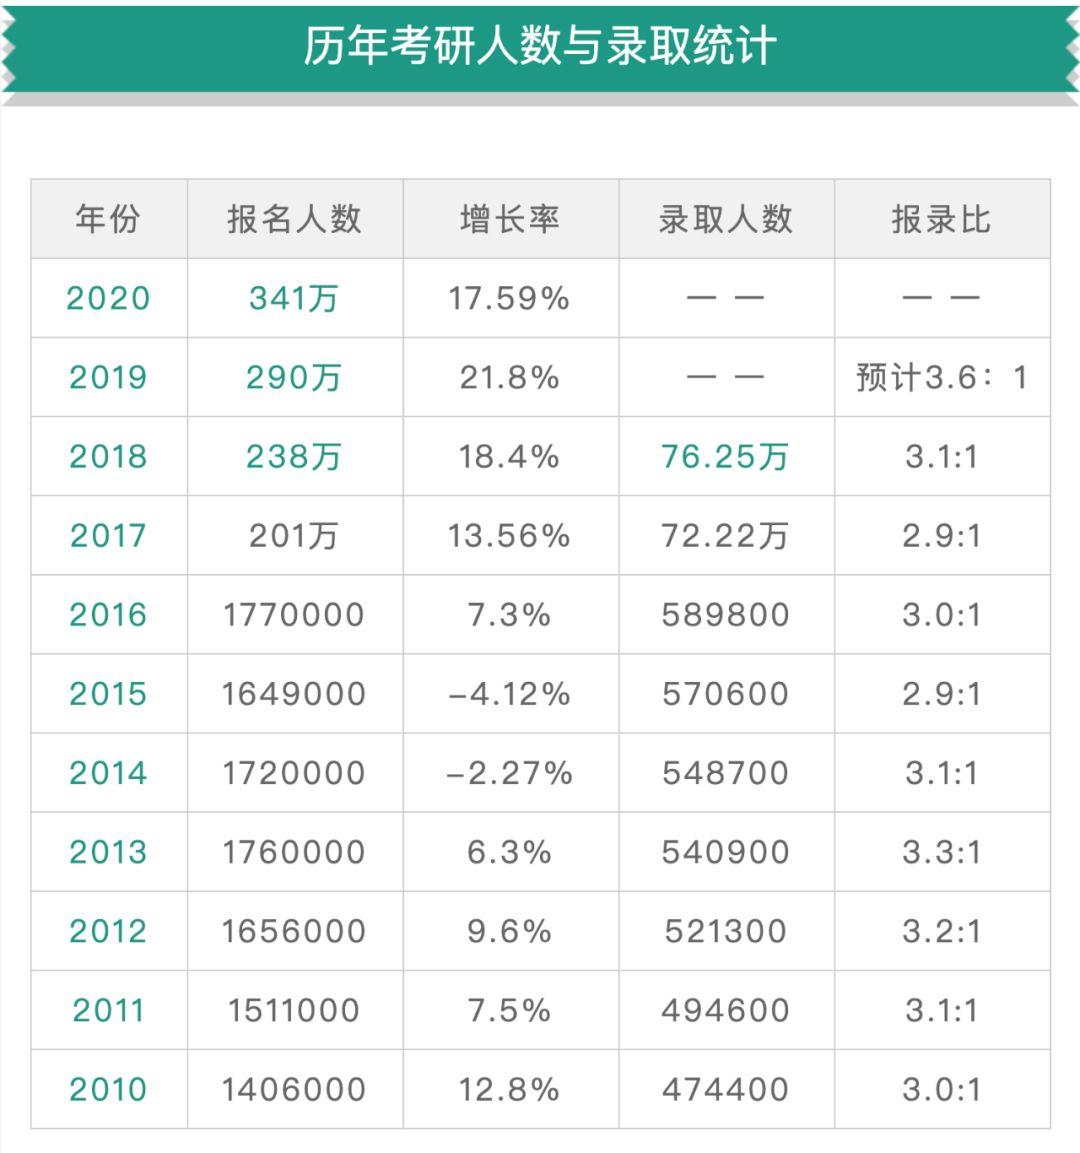 中国最难考试TOP5 考研竟然最简单?